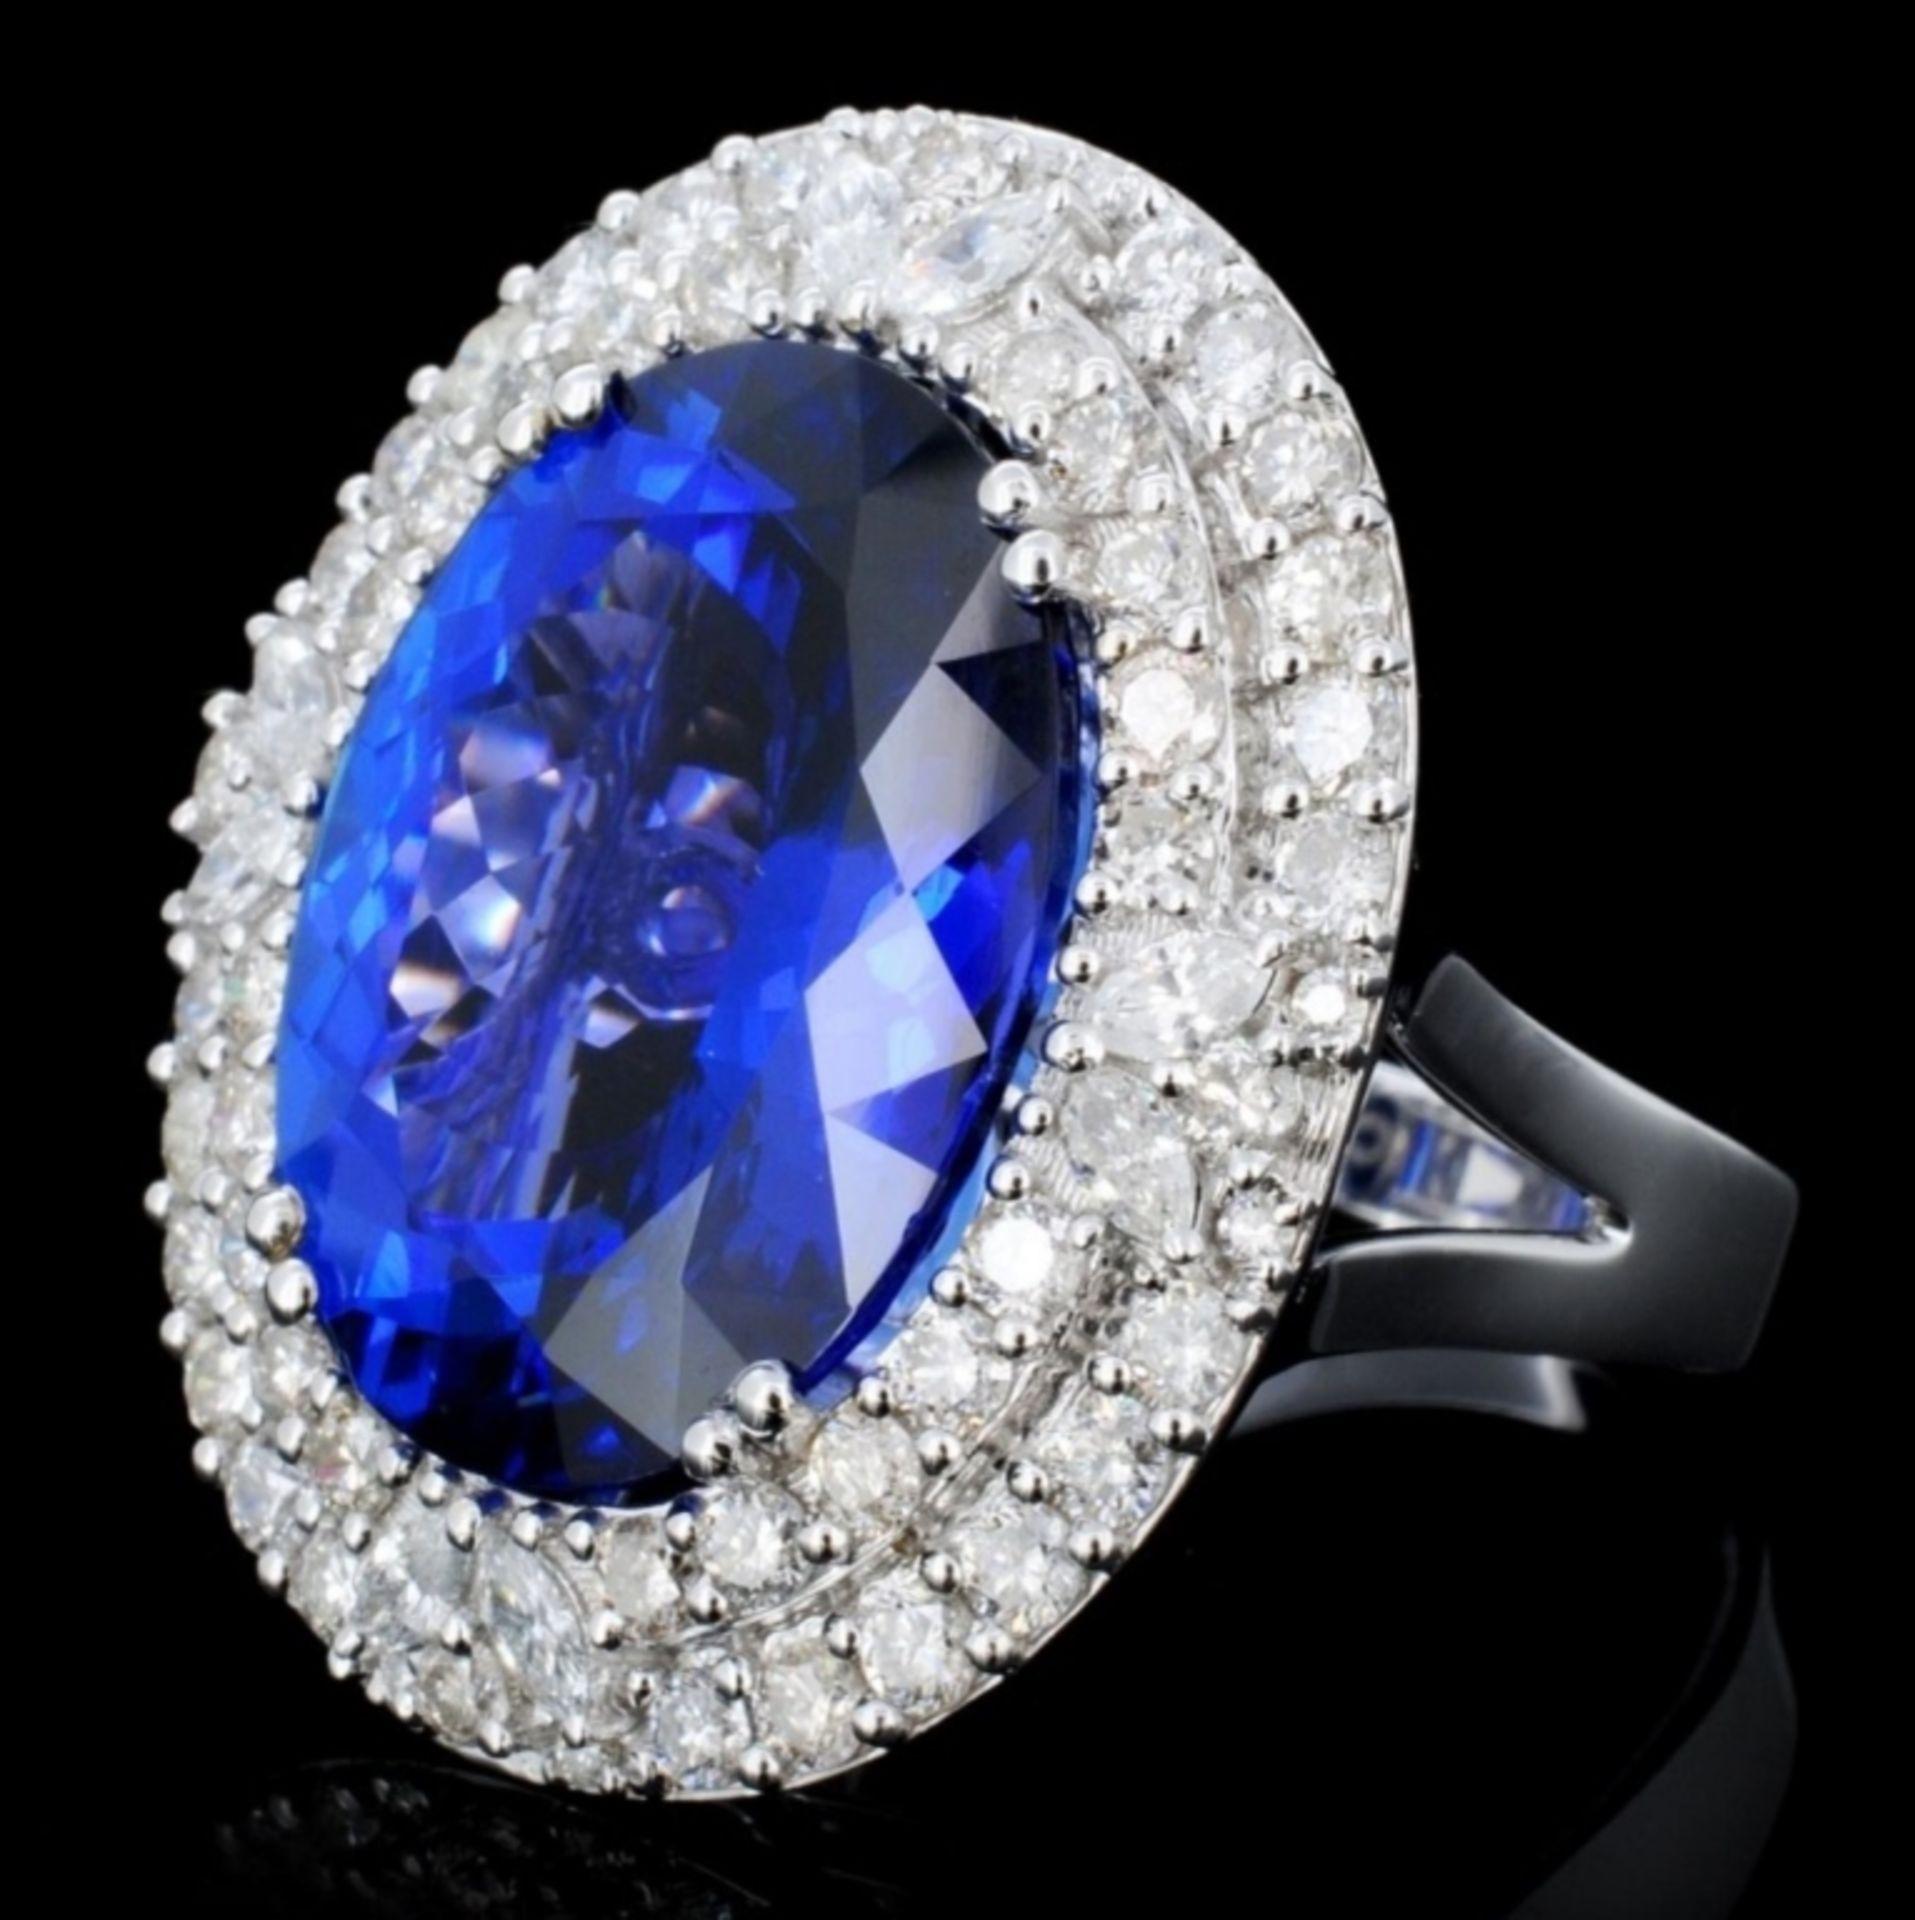 18K Gold 16.55ct Tanzanite & 2.05ct Diamond Ring - Image 3 of 4